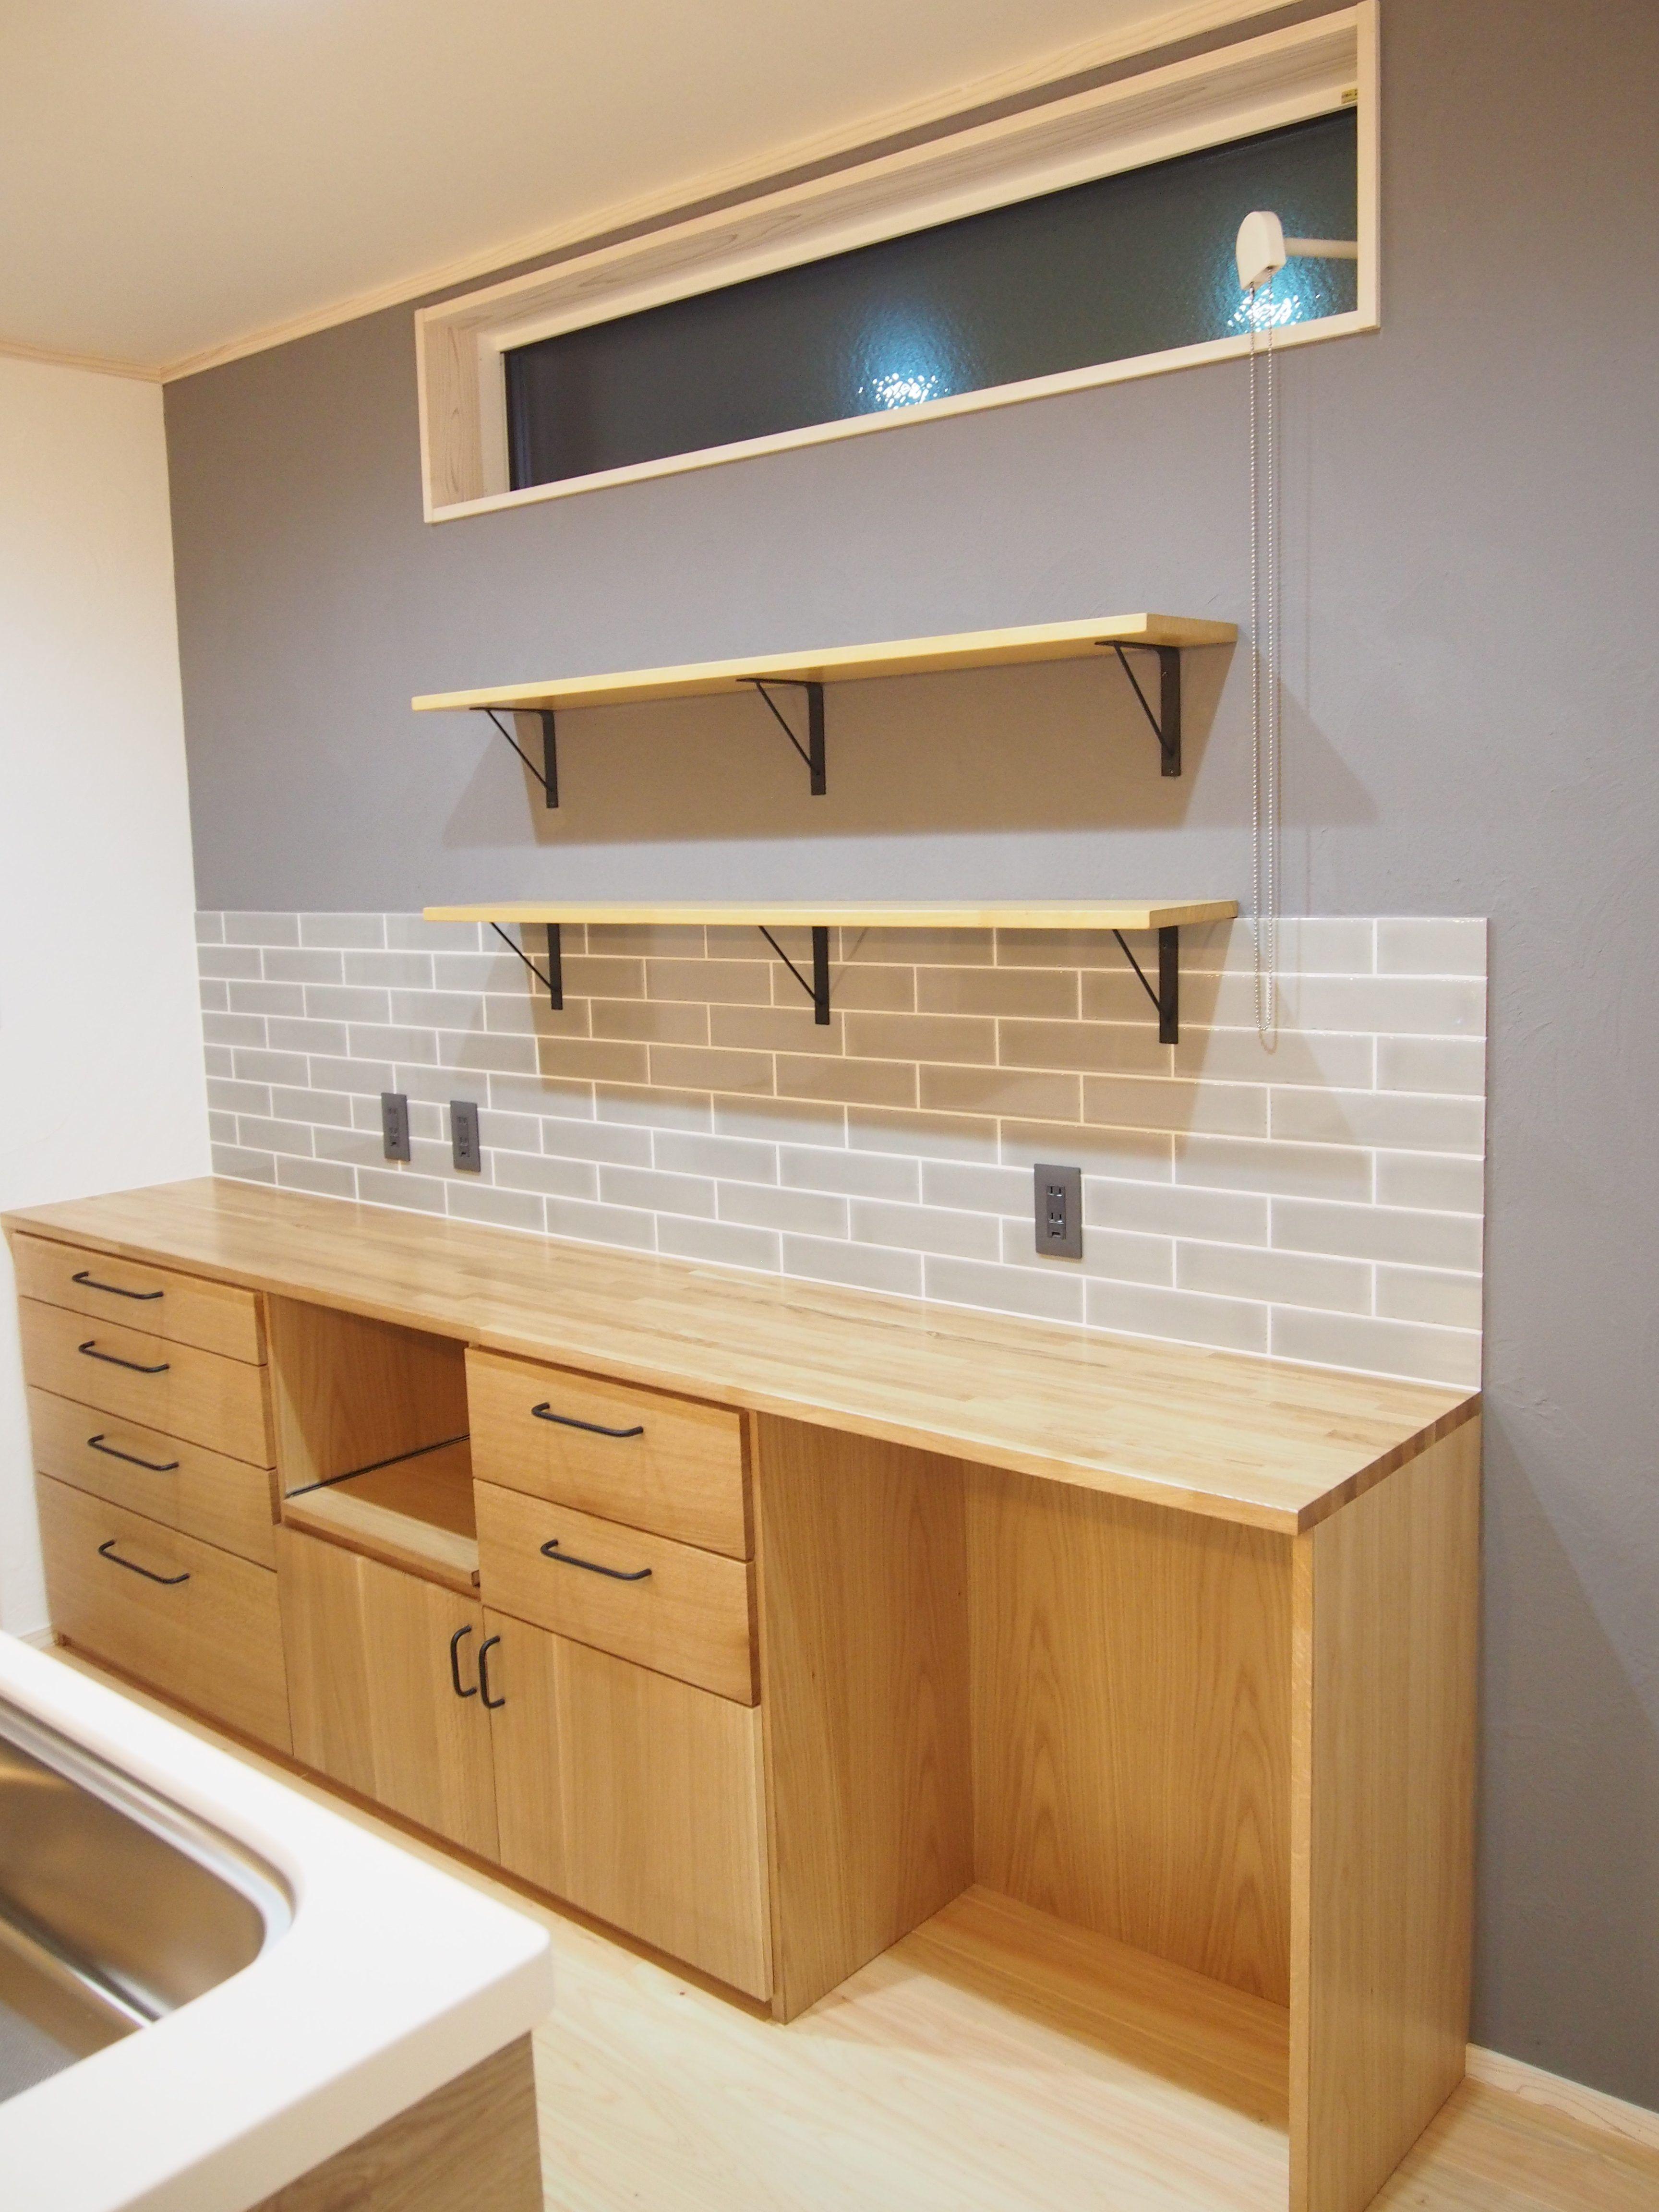 キッチン クリナップのシステムキッチンステディア 食洗機は大容量asko